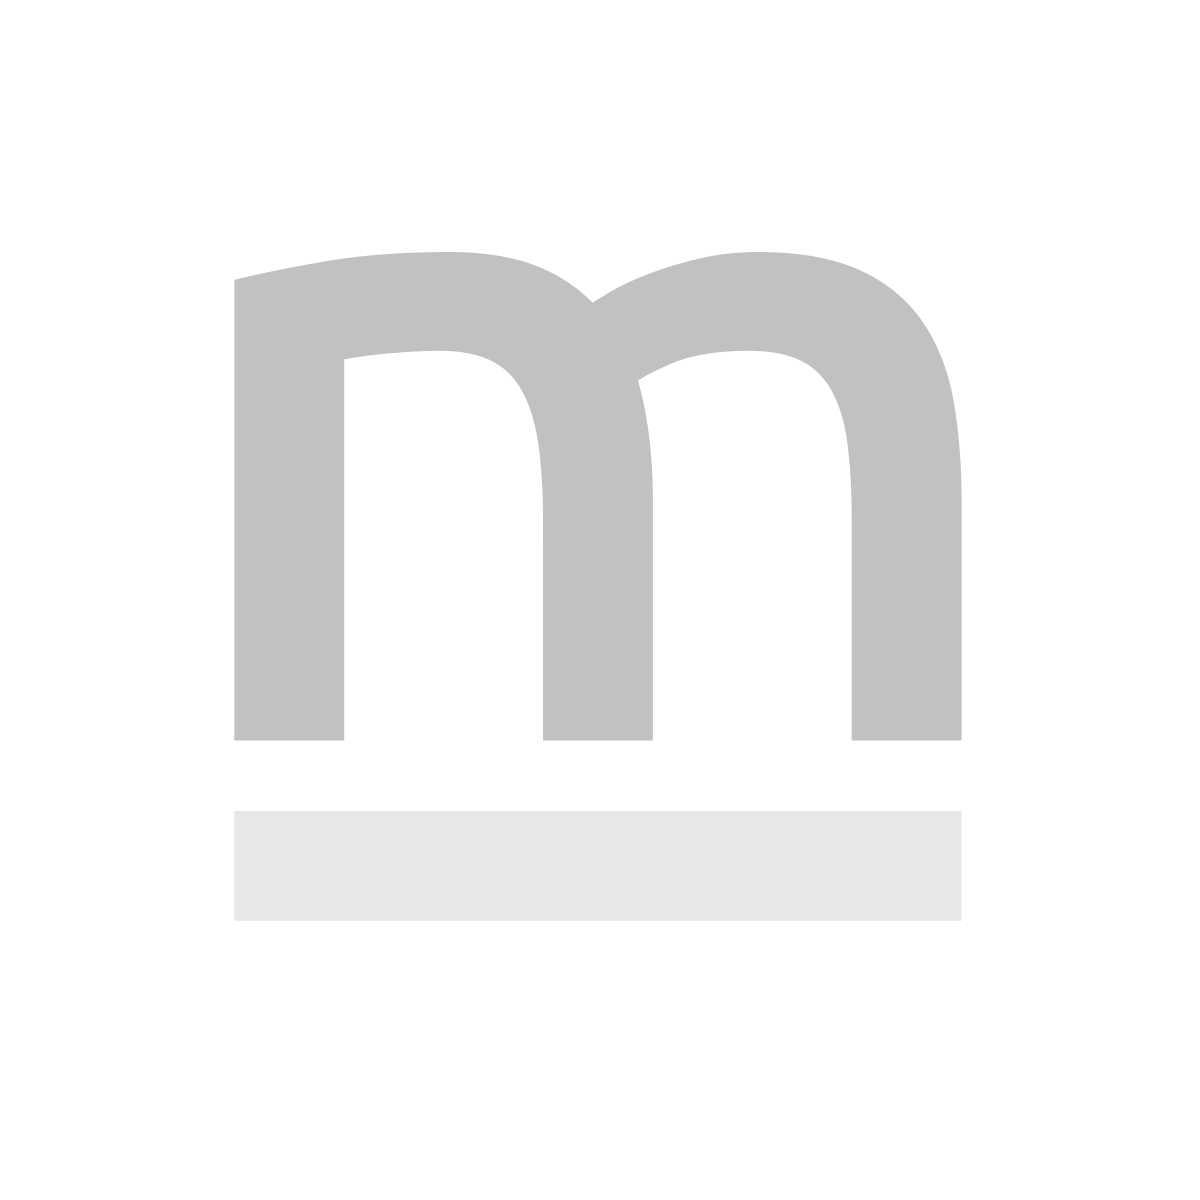 Obraz do samodzielnego malowania - Piękny olbrzym